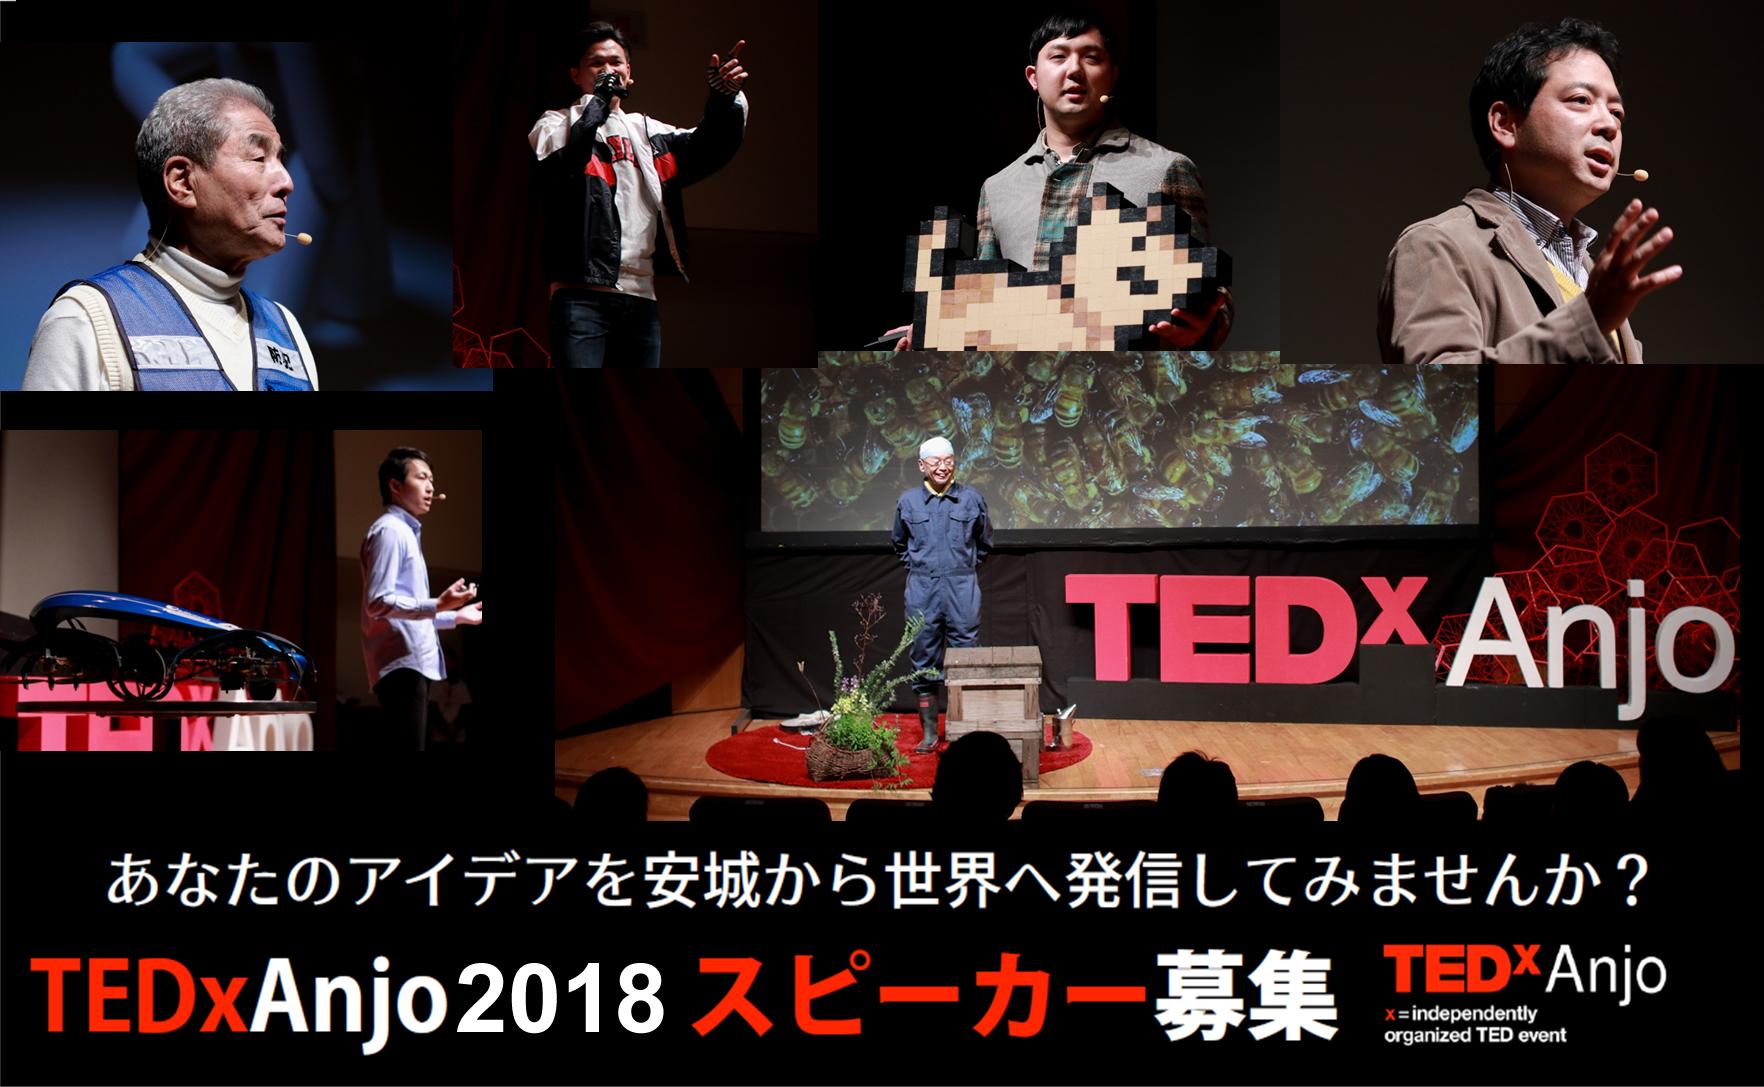 TEDxAnjo2018スピーカー募集開始!